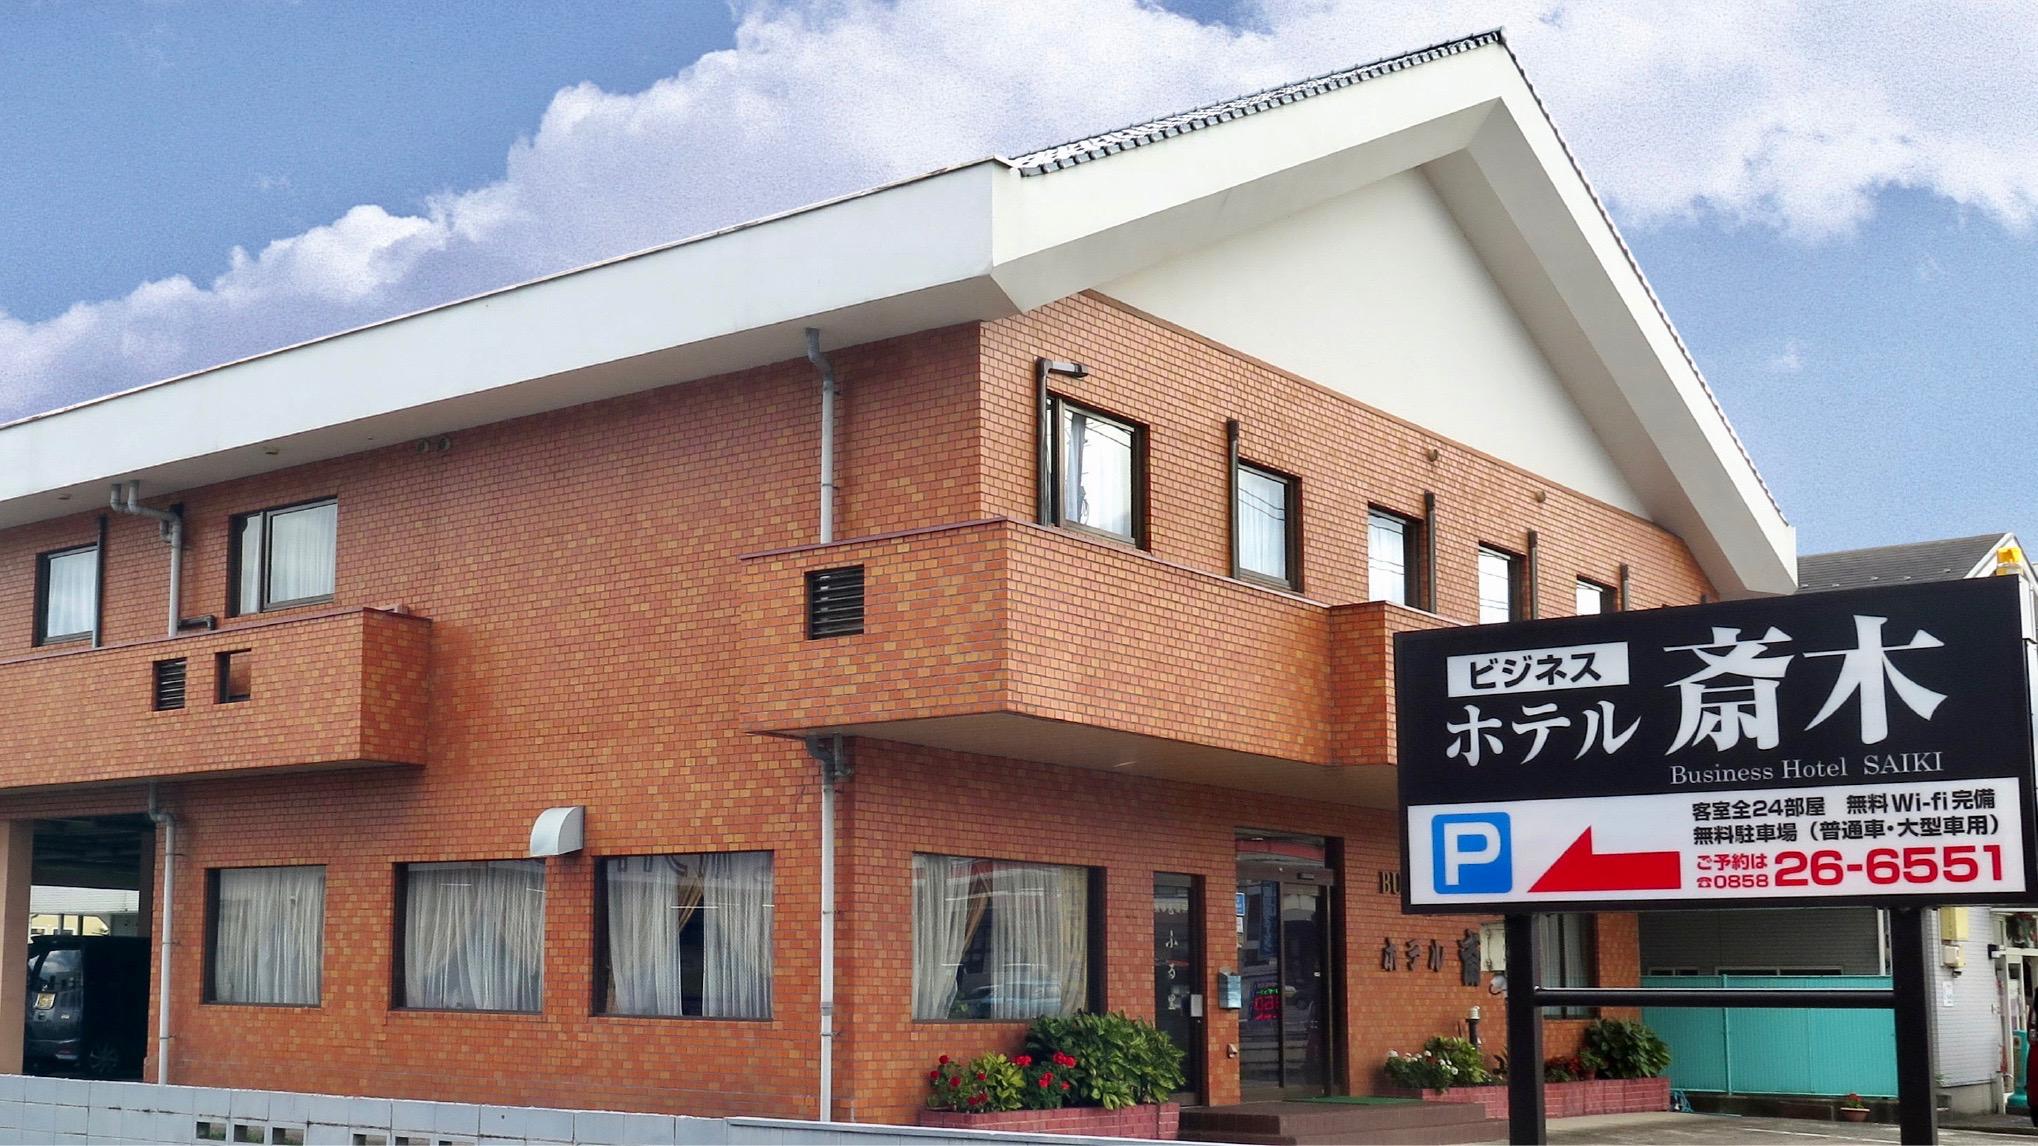 ホテル斎木